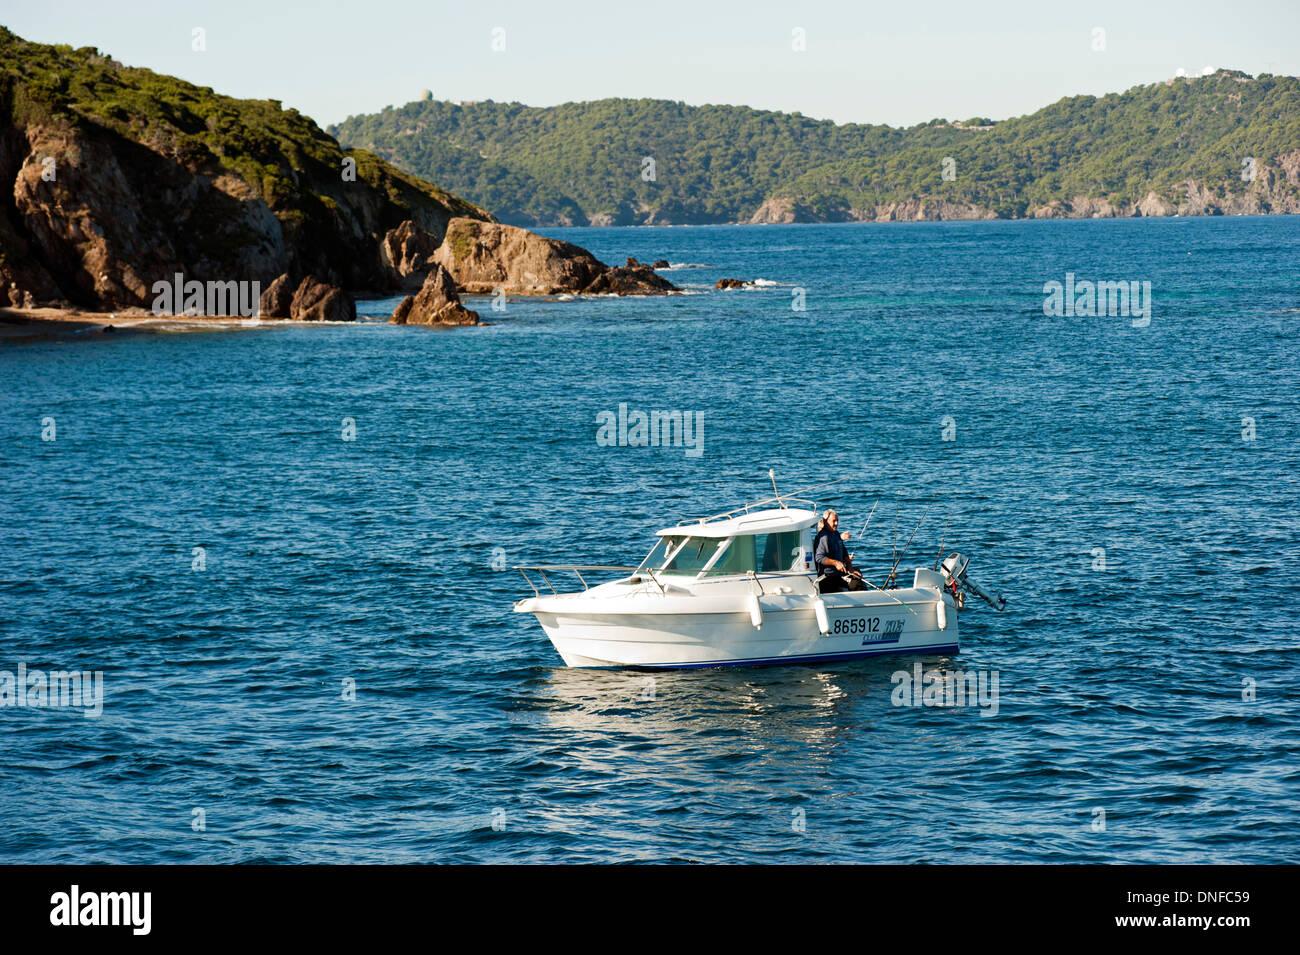 La pesca sportiva in Port Cros Parco Nazionale di Hyeres Francia Immagini Stock